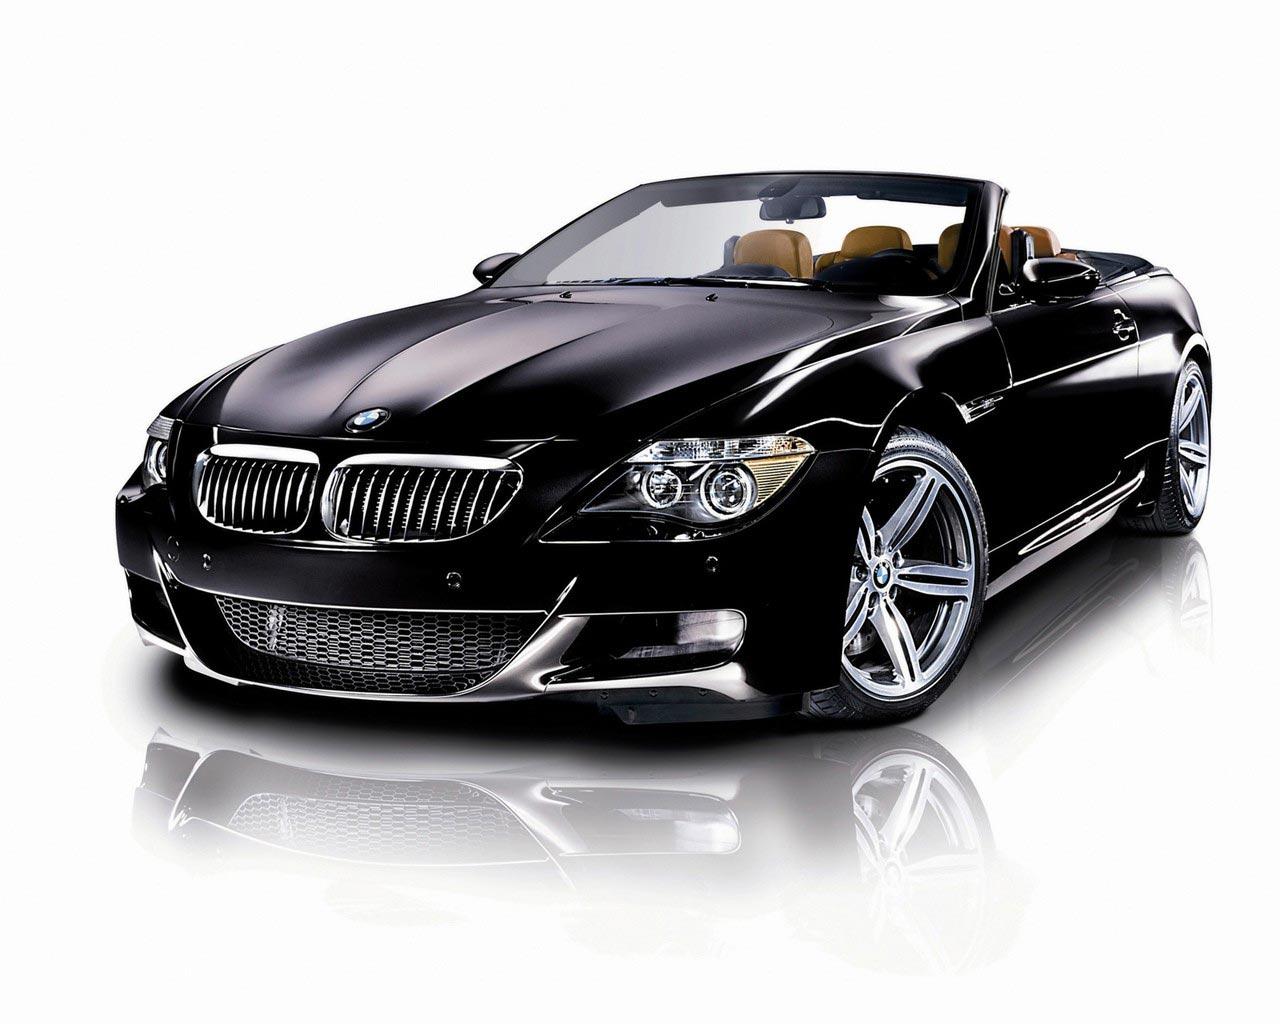 http://2.bp.blogspot.com/-7t-TDA9ZDKU/TeEuknVFk1I/AAAAAAAAAco/0n0zXyHolPM/s1600/BMW%252520M6.jpg